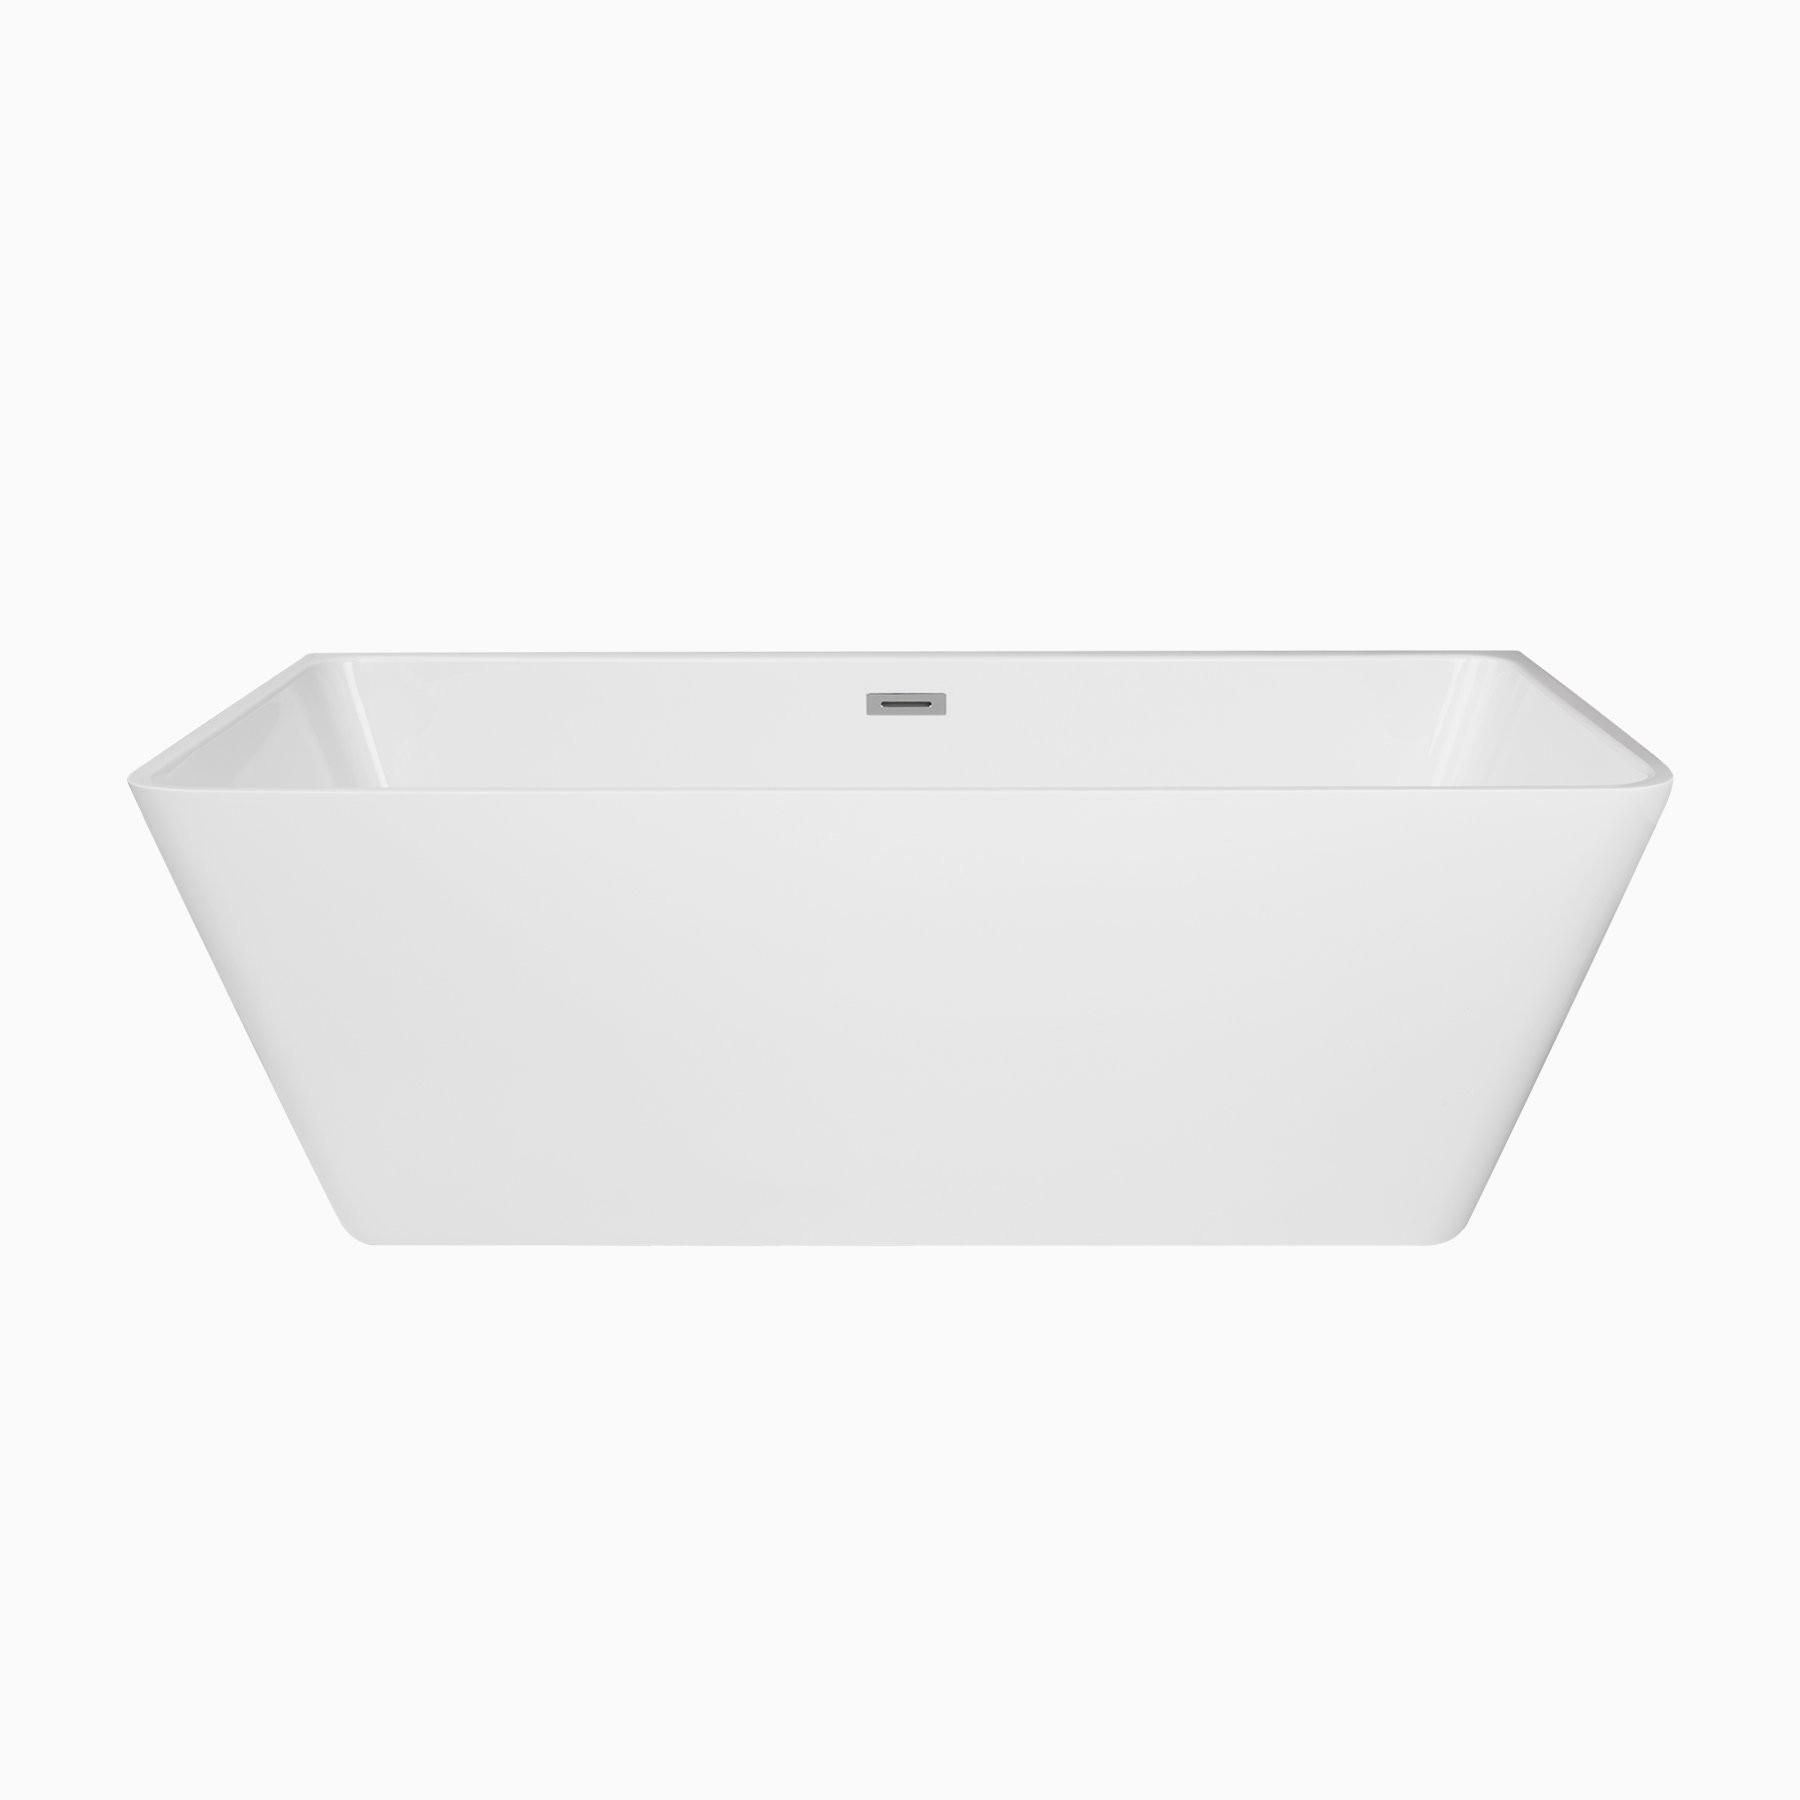 afr rubix product inch en maax bathtub zoom